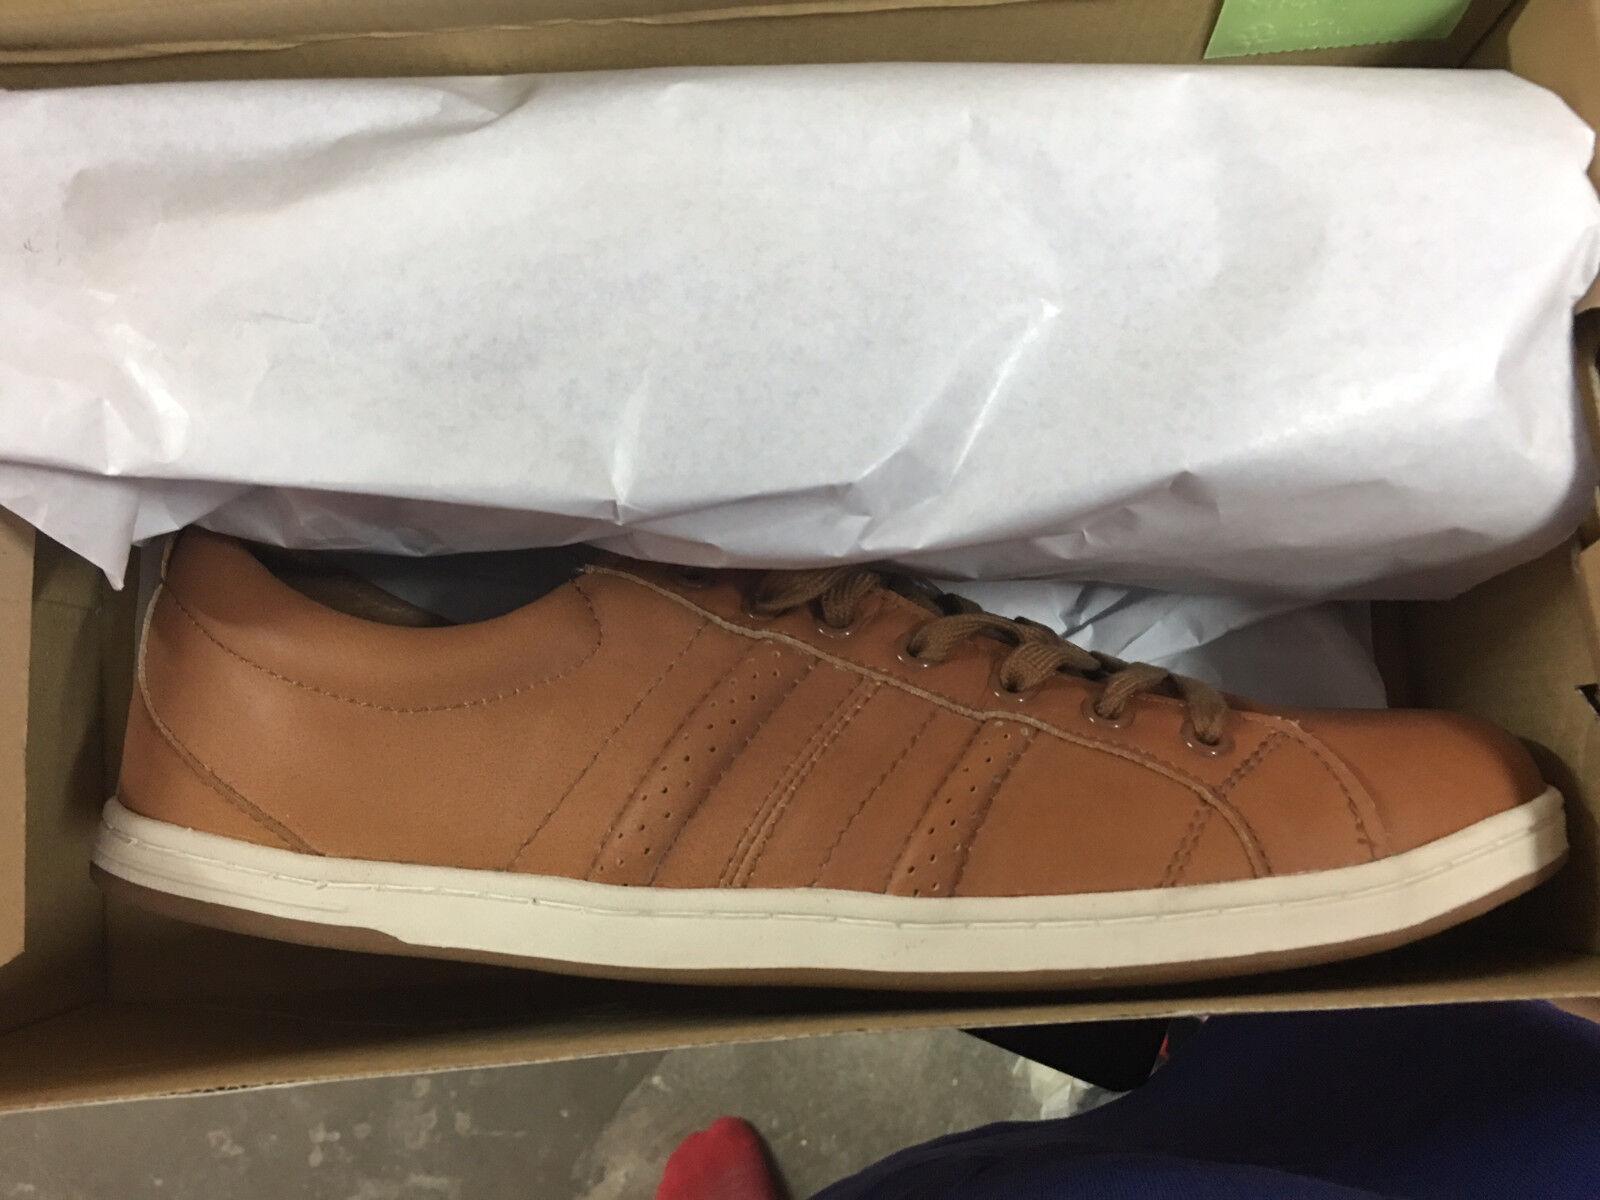 Farley Sneaker Schuhe Montreal Gr:42 CK 3075-1H Neu New Cognac Leder